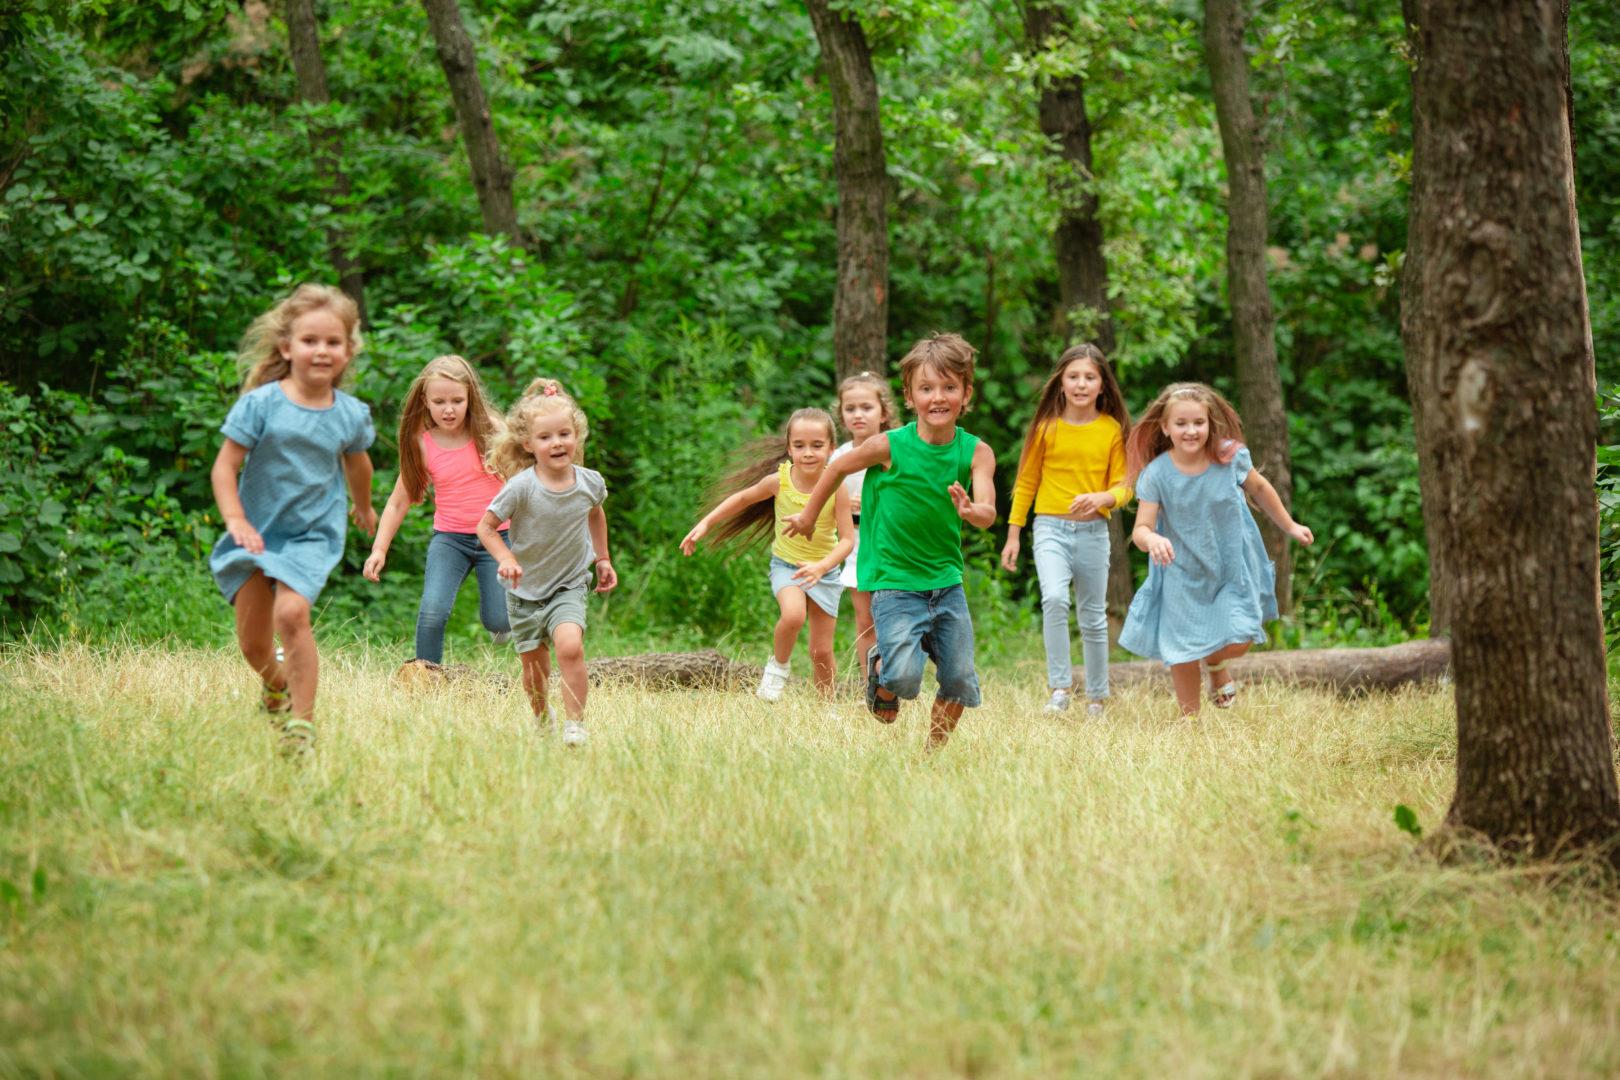 ЧТО ИЗМЕНИЛОСЬ В ПРАВИЛАХ ЗАСЕЛЕНИЯ ДЕТЕЙ В ГОСТИНИЦЫ С 1 АПРЕЛЯ 2021 ГОДА